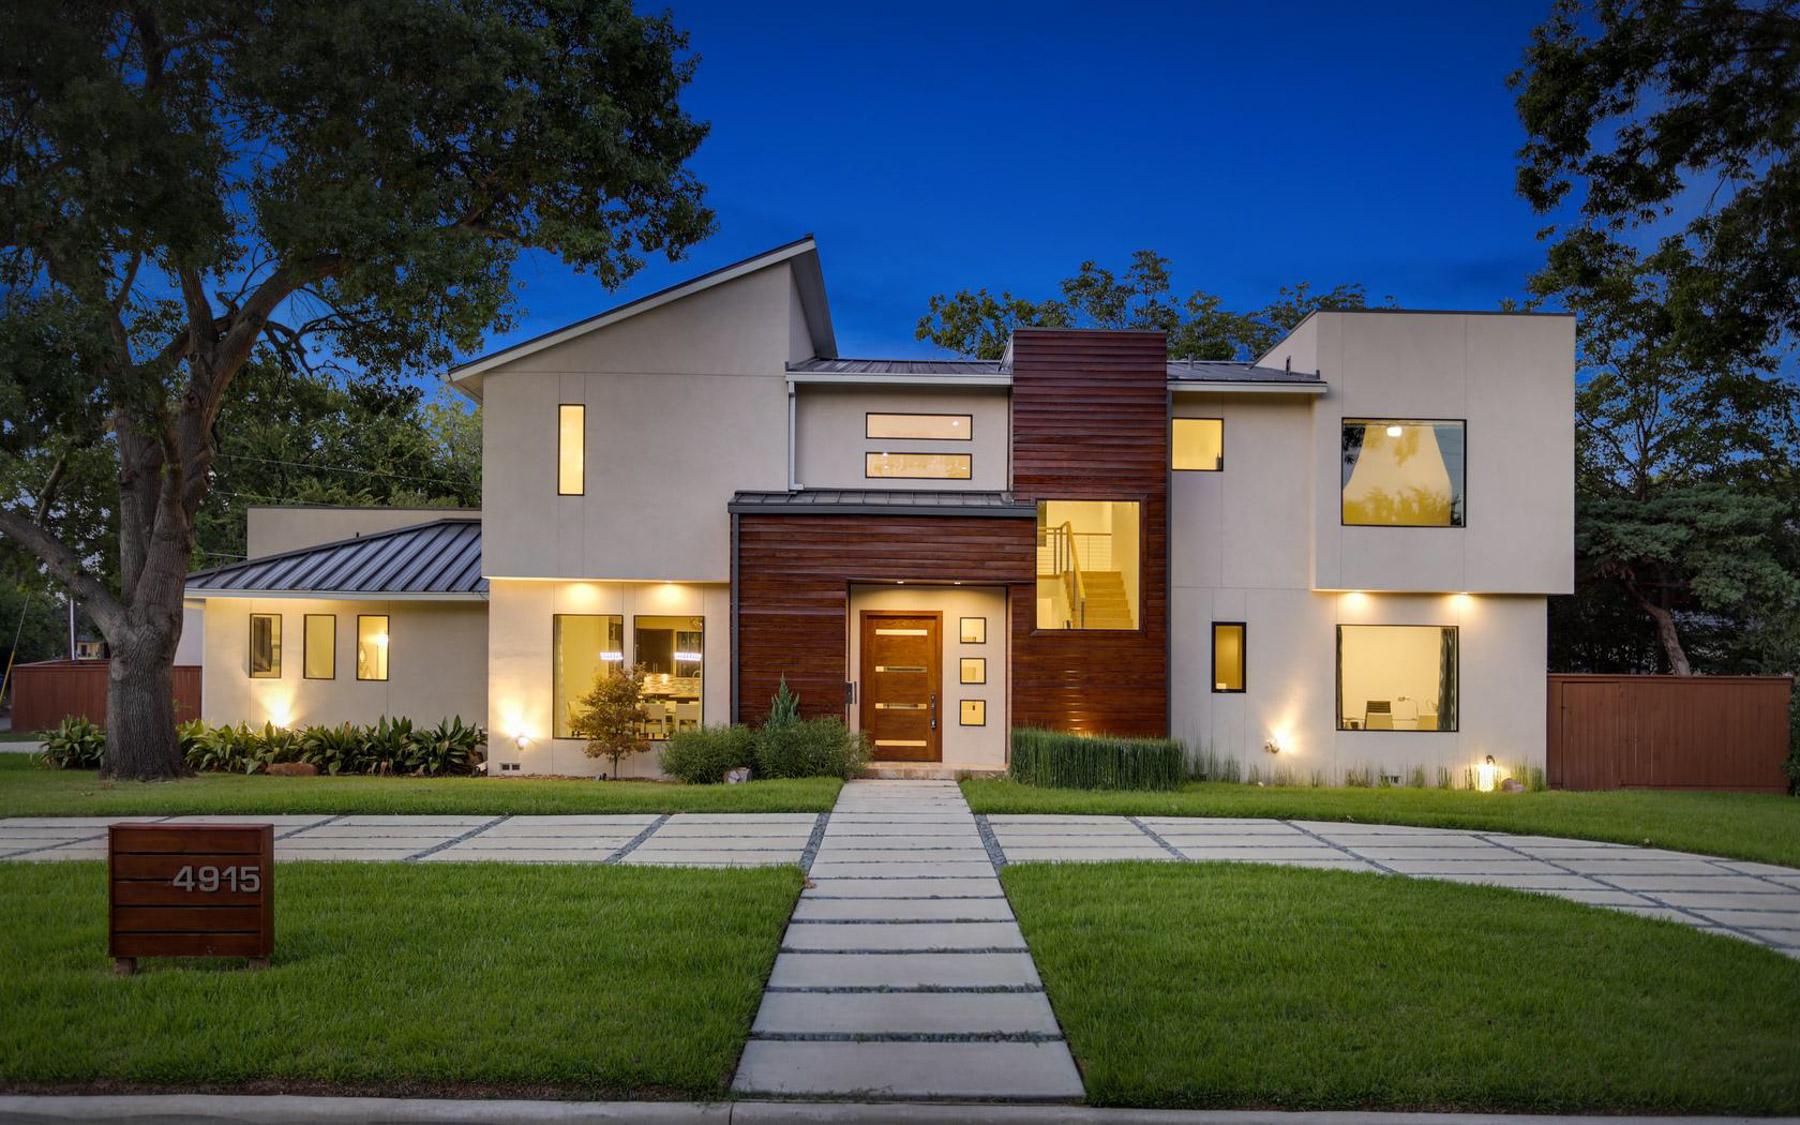 Maison unifamiliale pour l Vente à 4915 Nashwood Lane, Dallas 4915 Nashwood Ln Dallas, Texas, 75244 États-Unis